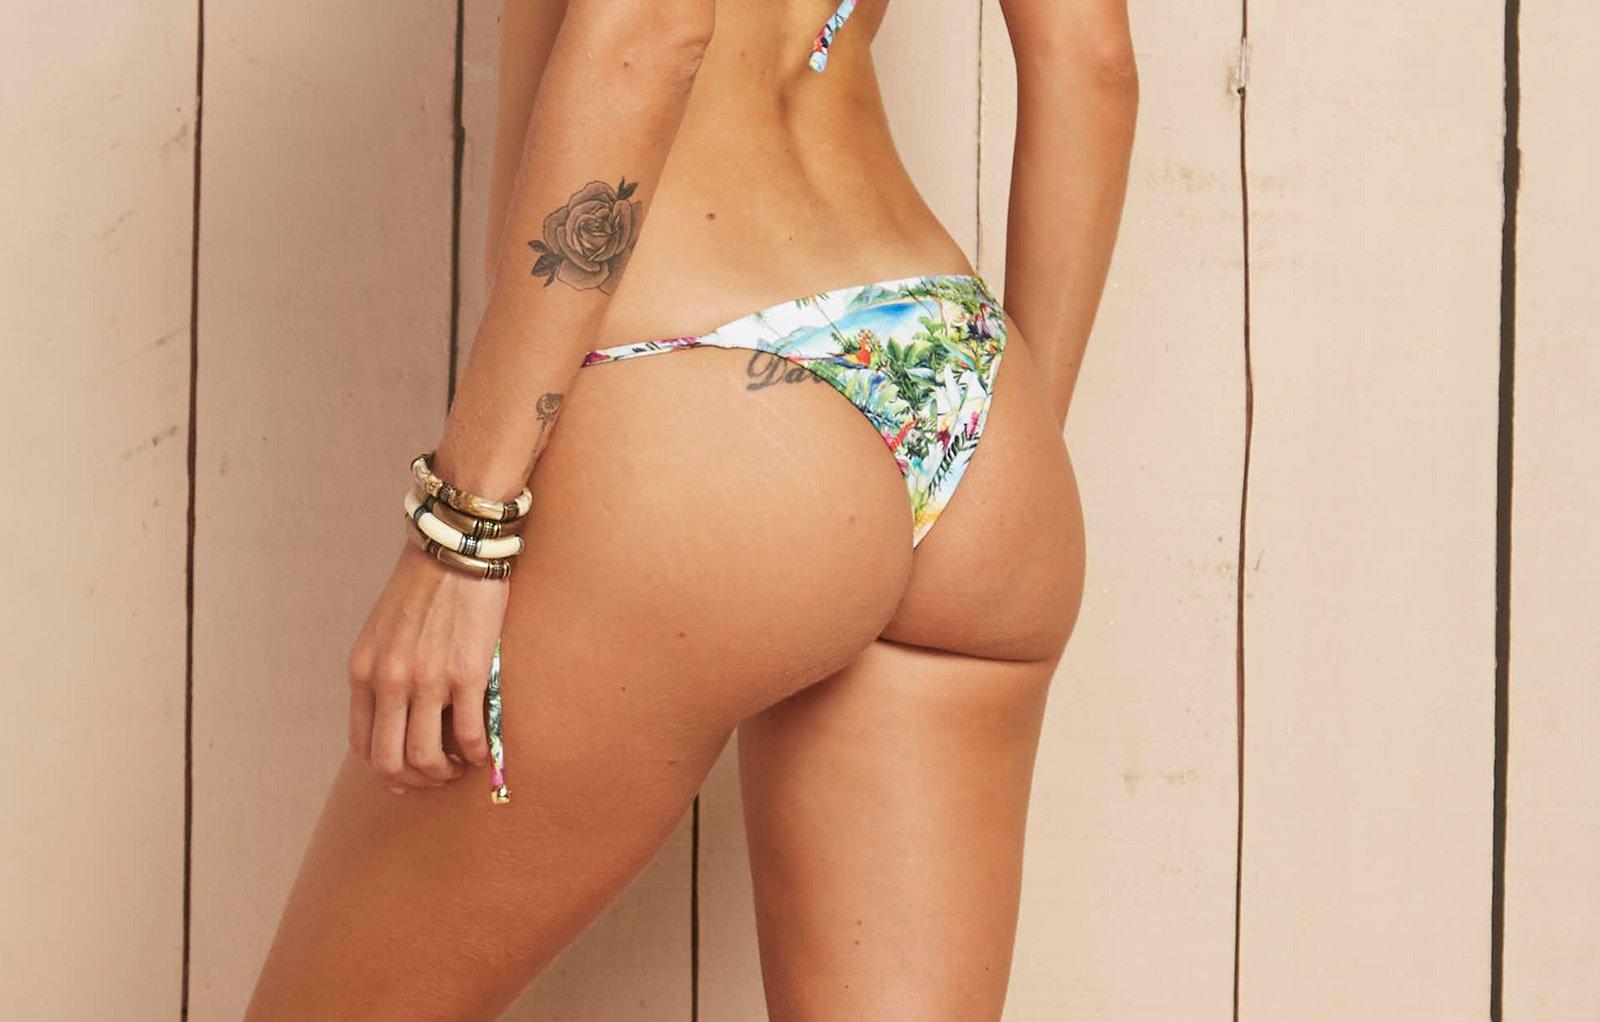 de9d0e35af Tropical Print Brazilian Bottom With Side Ties - Calcinha Aguas De Marco